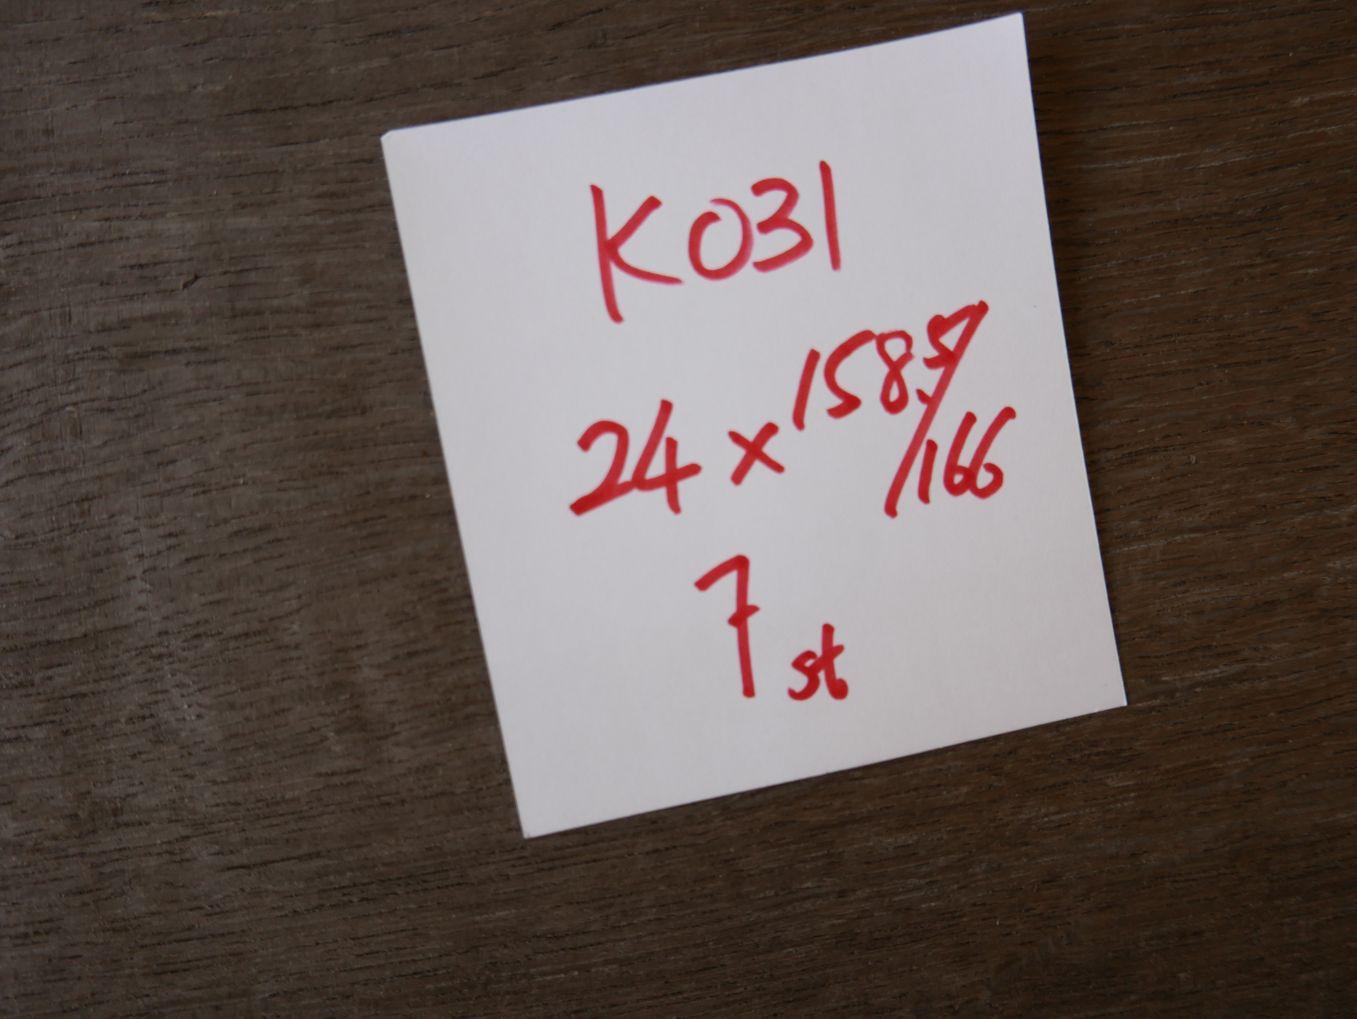 K0031-4 Moor Eiken 1mm 24×158,5-166cm 7st